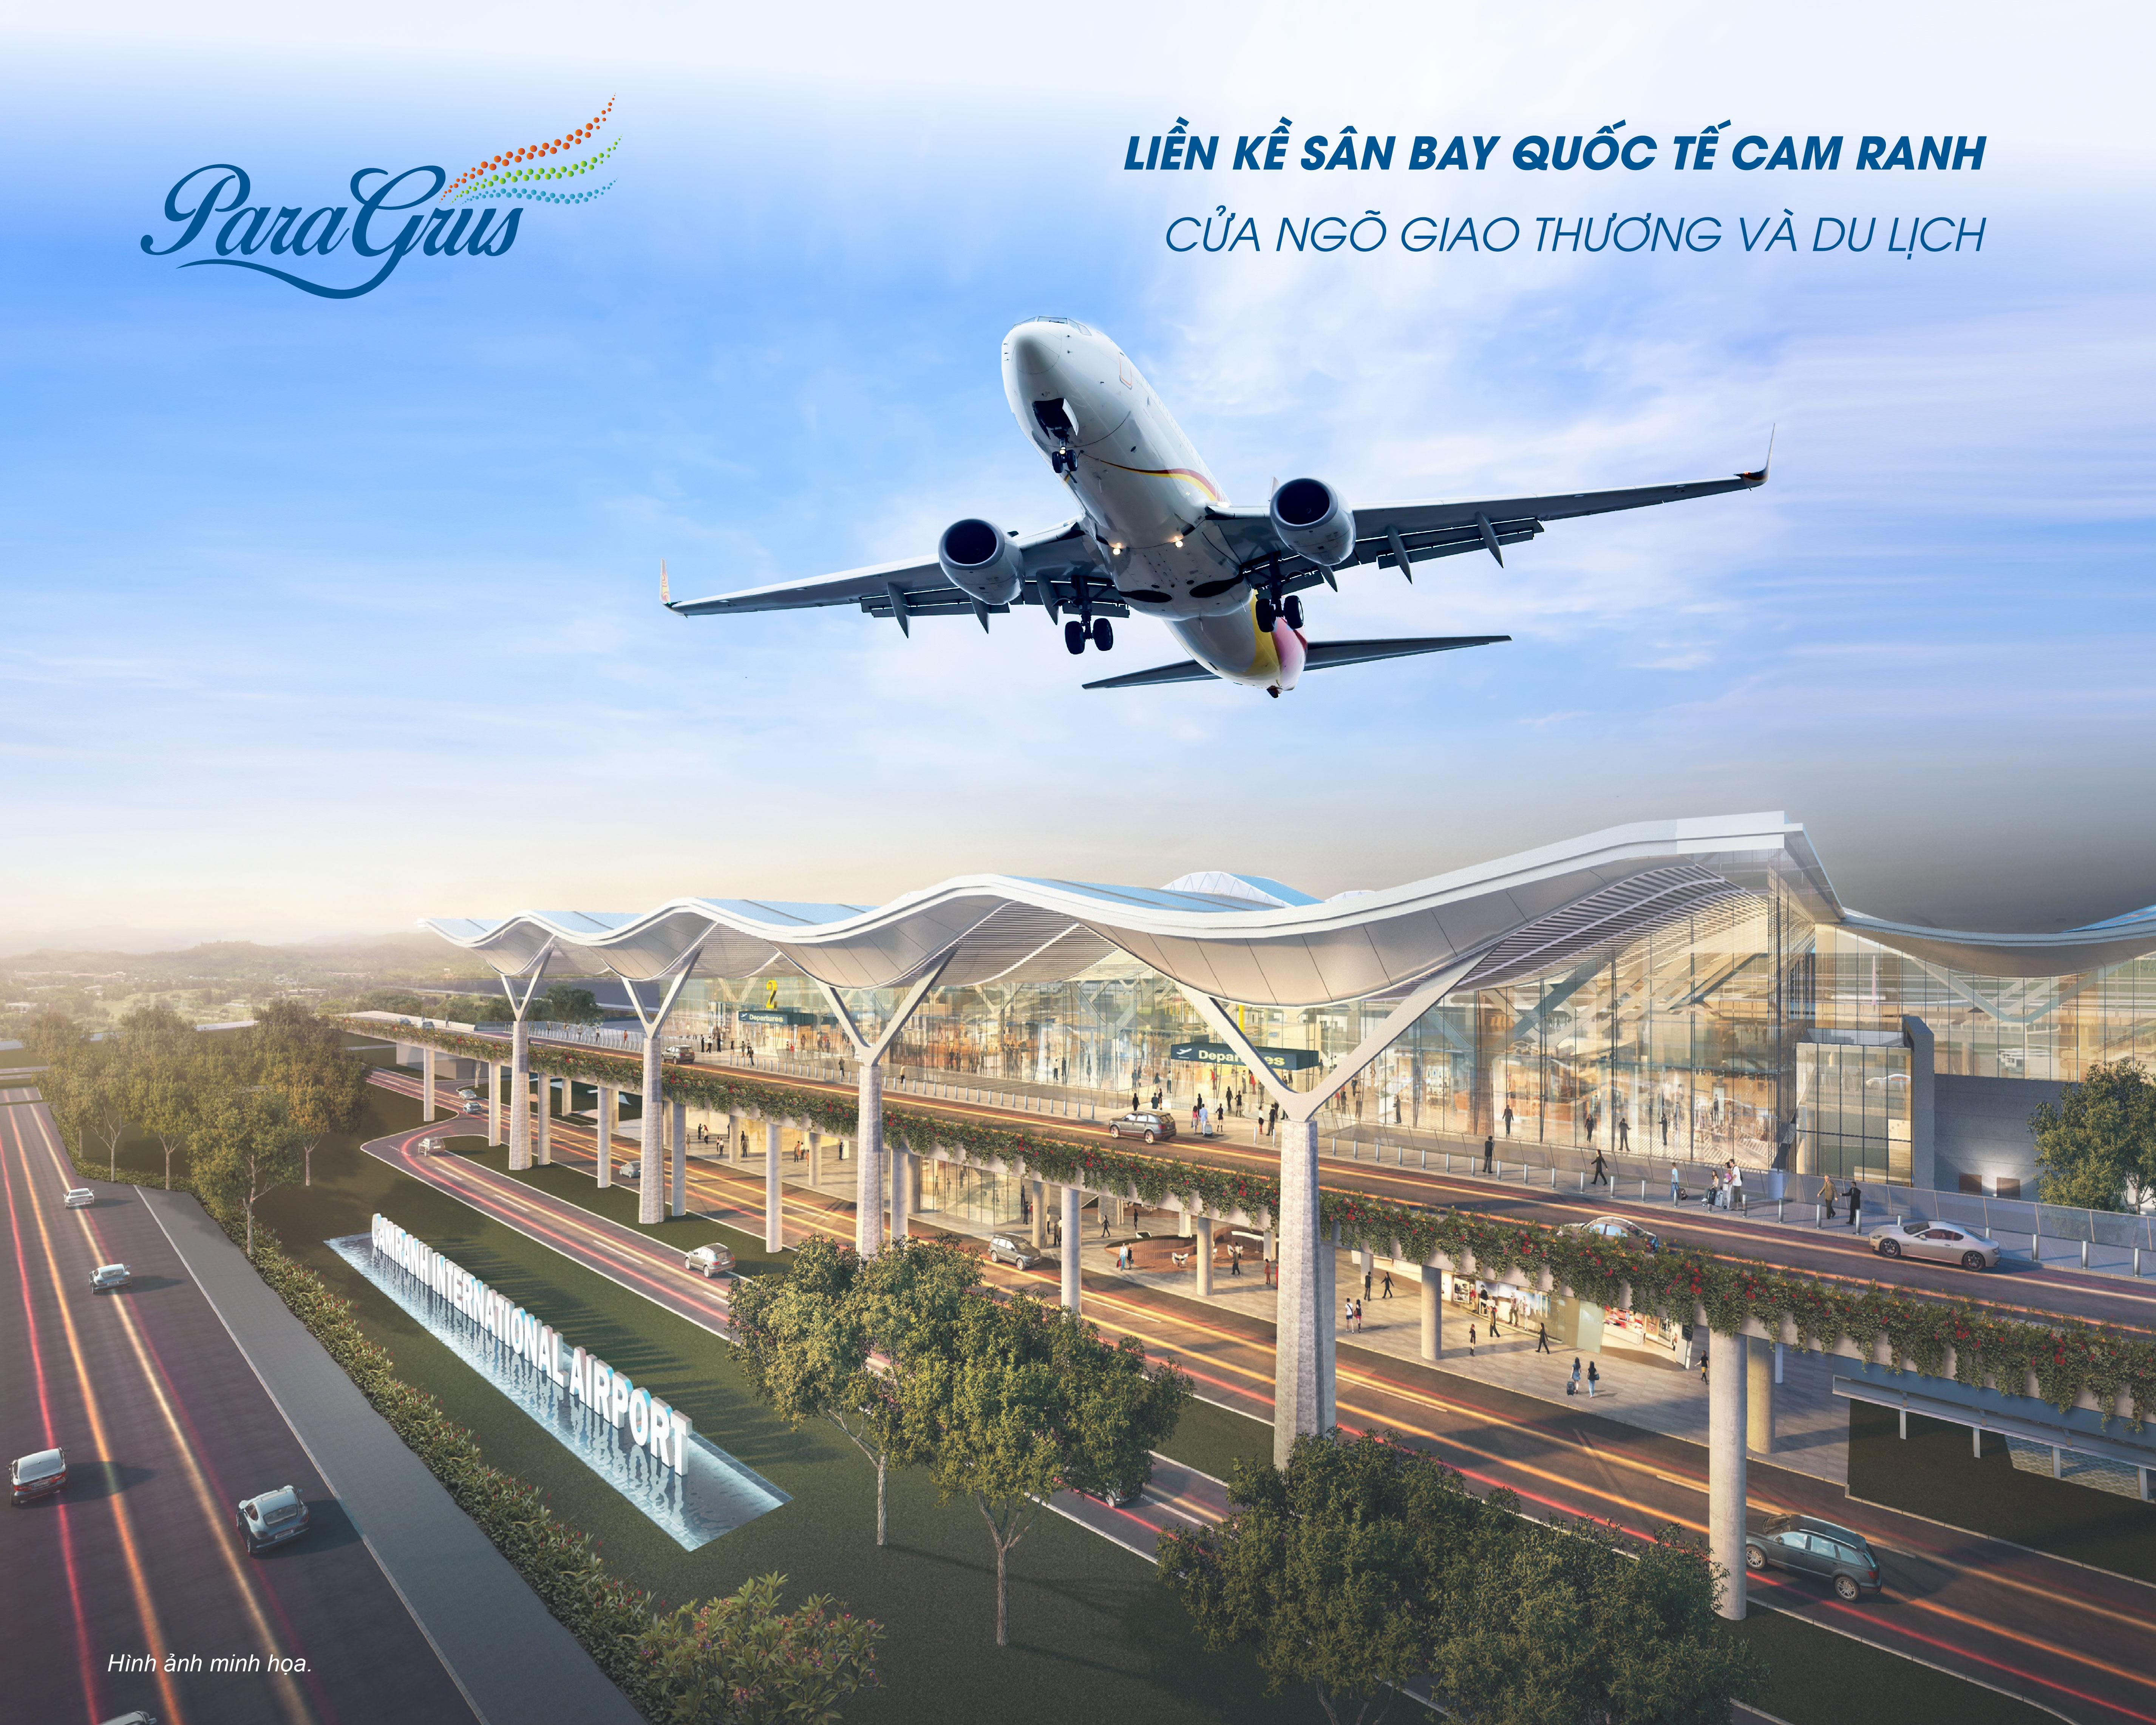 Sắp xuất hiện siêu phẩm nhà phố liền kề sân bay quốc tế Cam Ranh